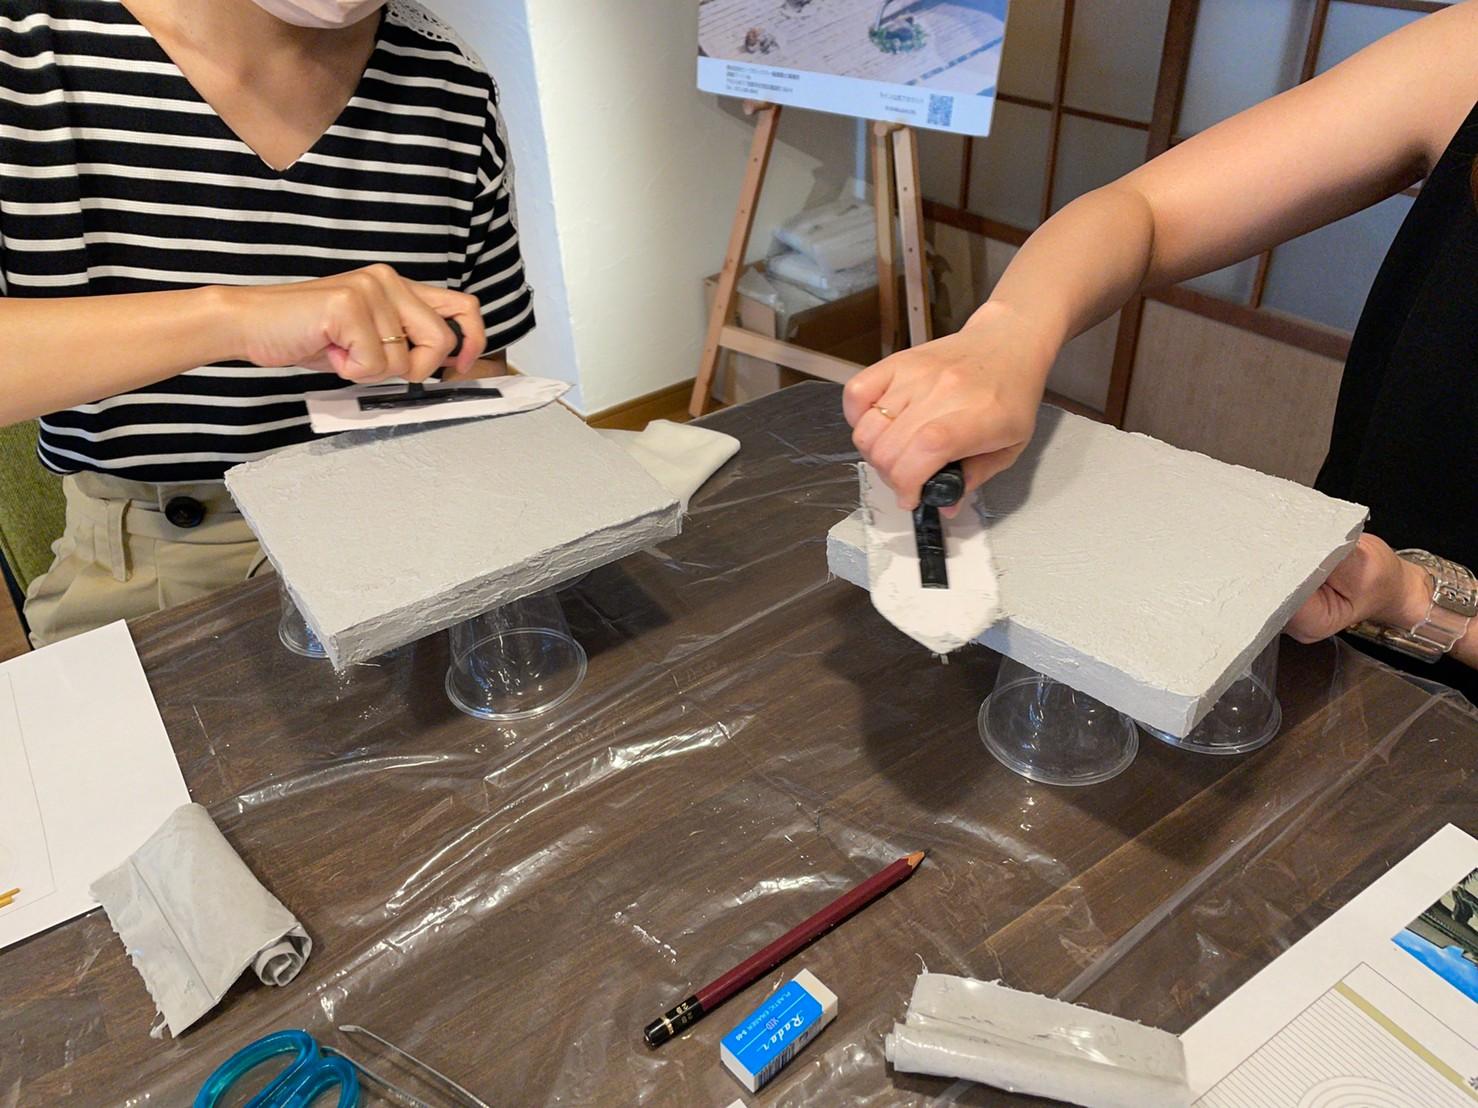 実際に左官職人が扱うコテを使って漆喰を塗ります。塗っている時は職人気分♪